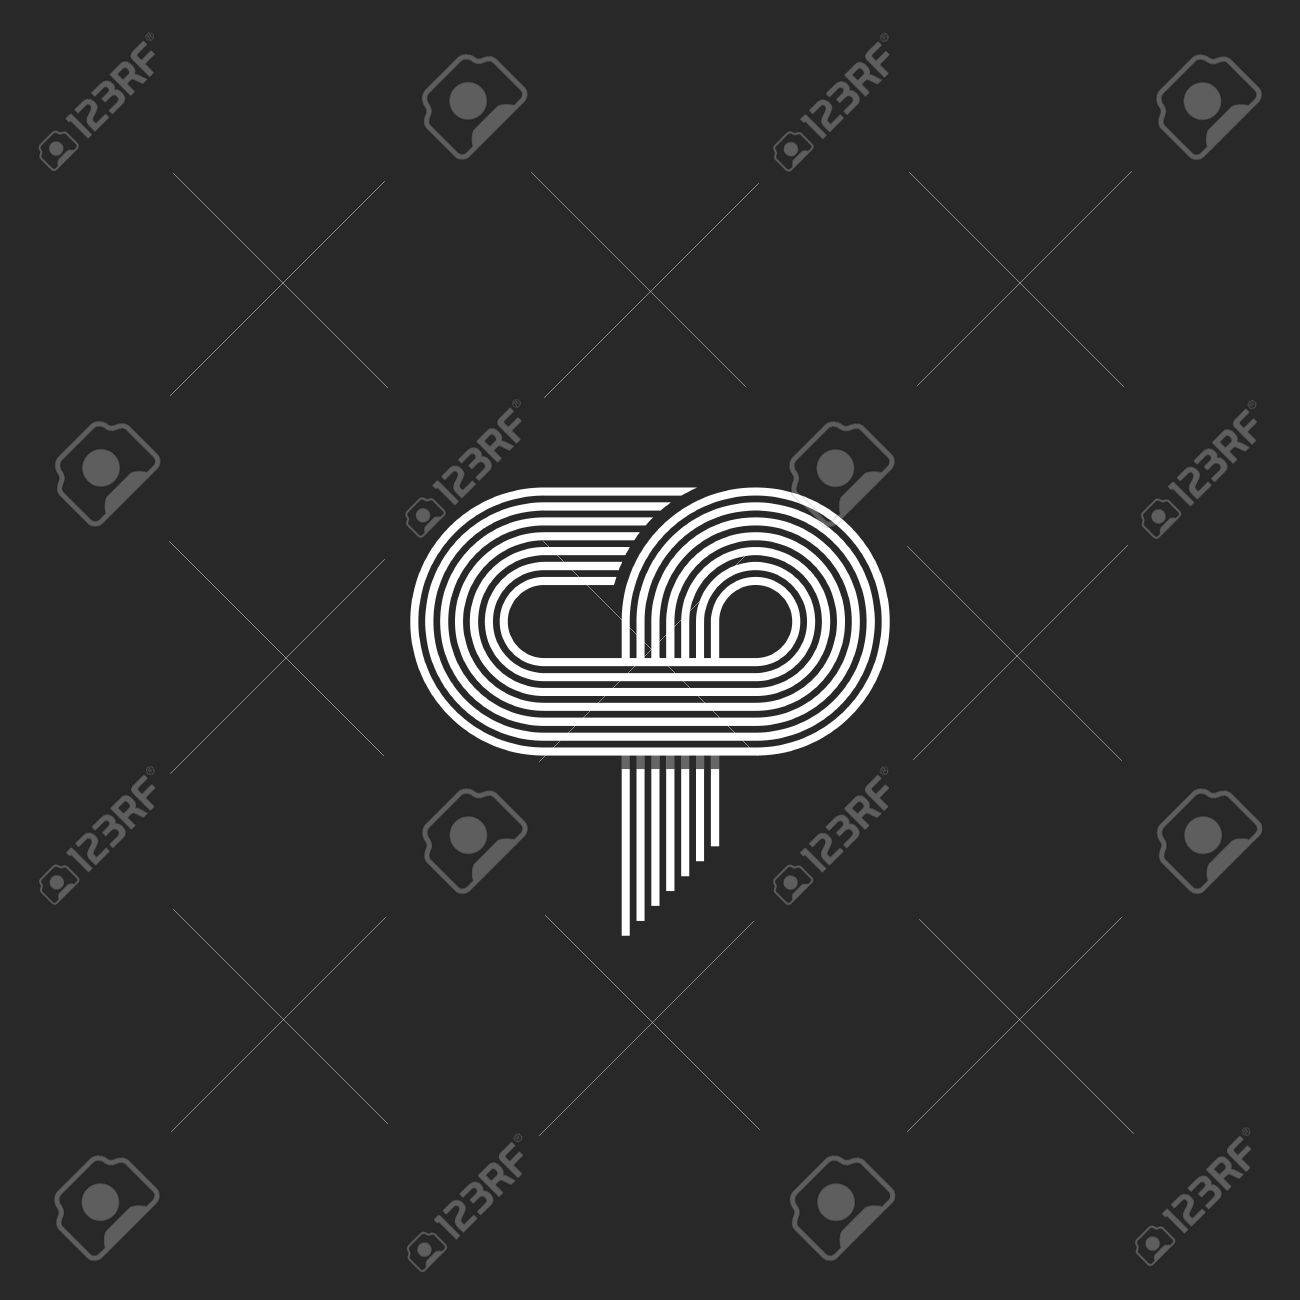 Initials Cp Letter, Parallel Thin Line Monogram Union C P Symbol ...